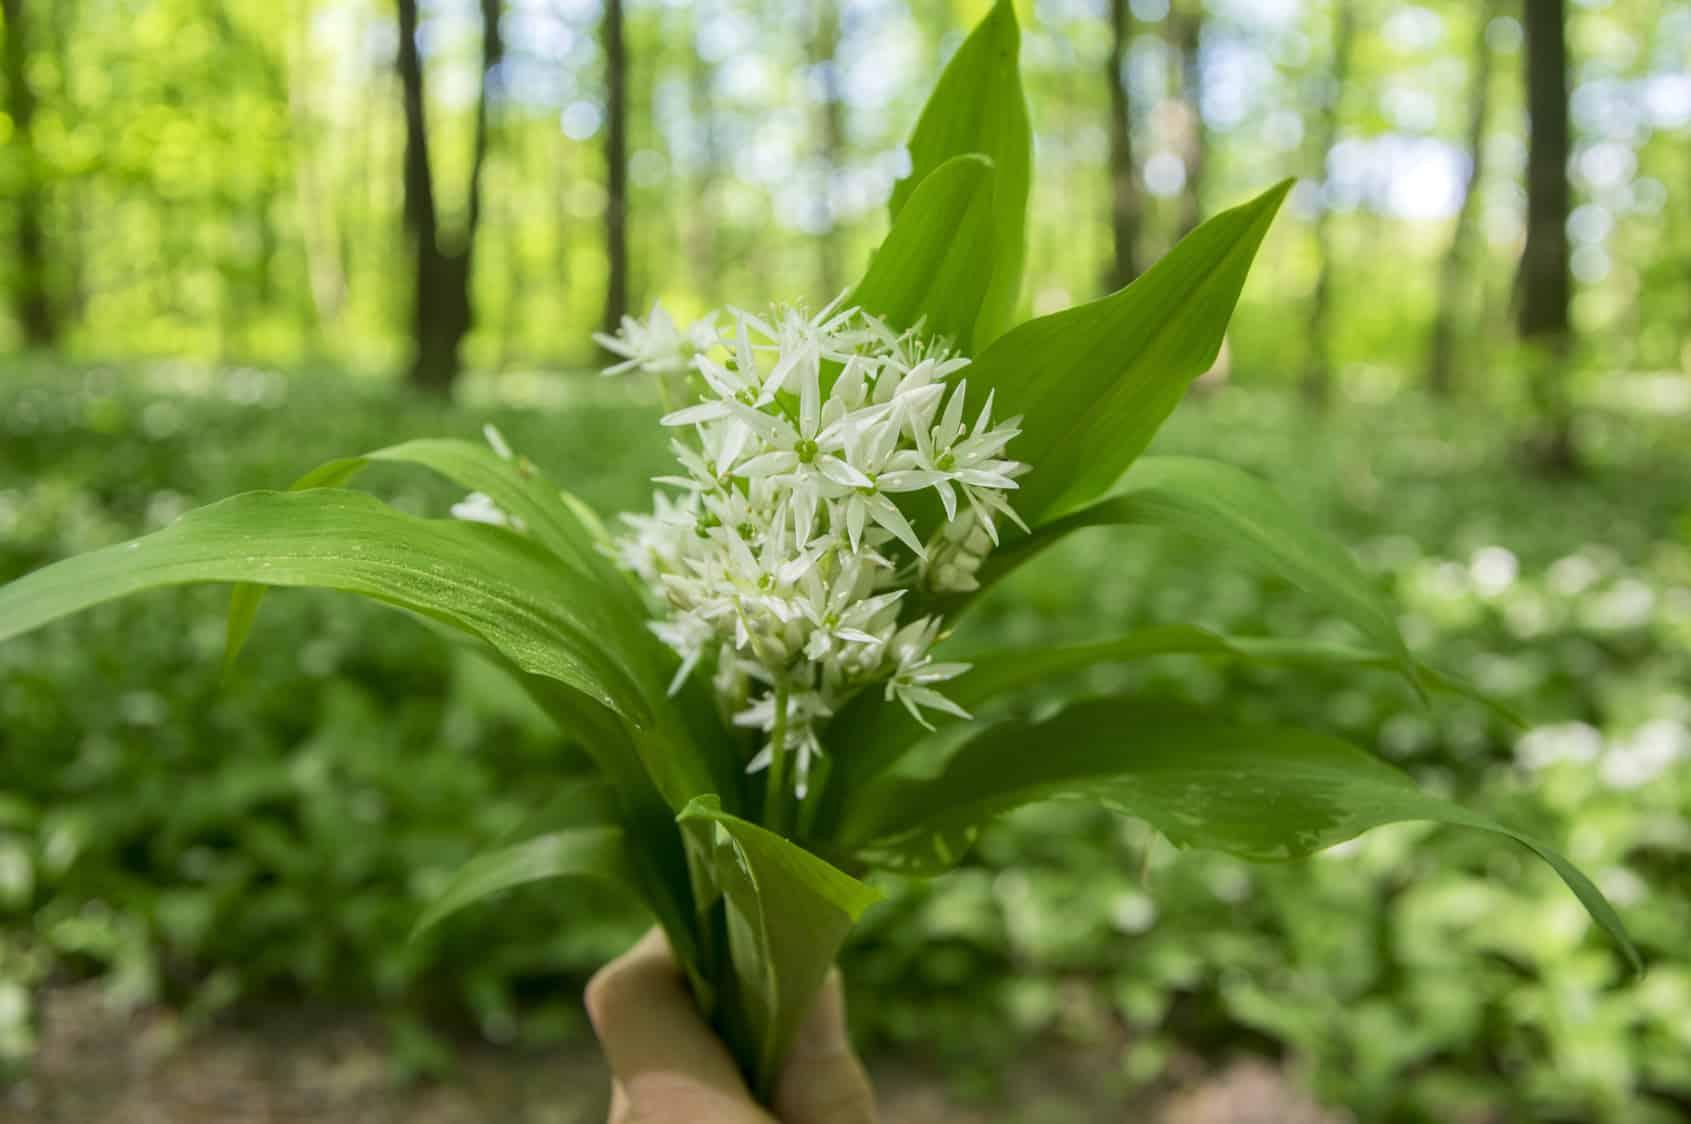 Erfahre mehr über Allium ursinum Globuli in der Homöopathie und bei welchen Krankheiten es angewendet wird. Fotolia © Iva